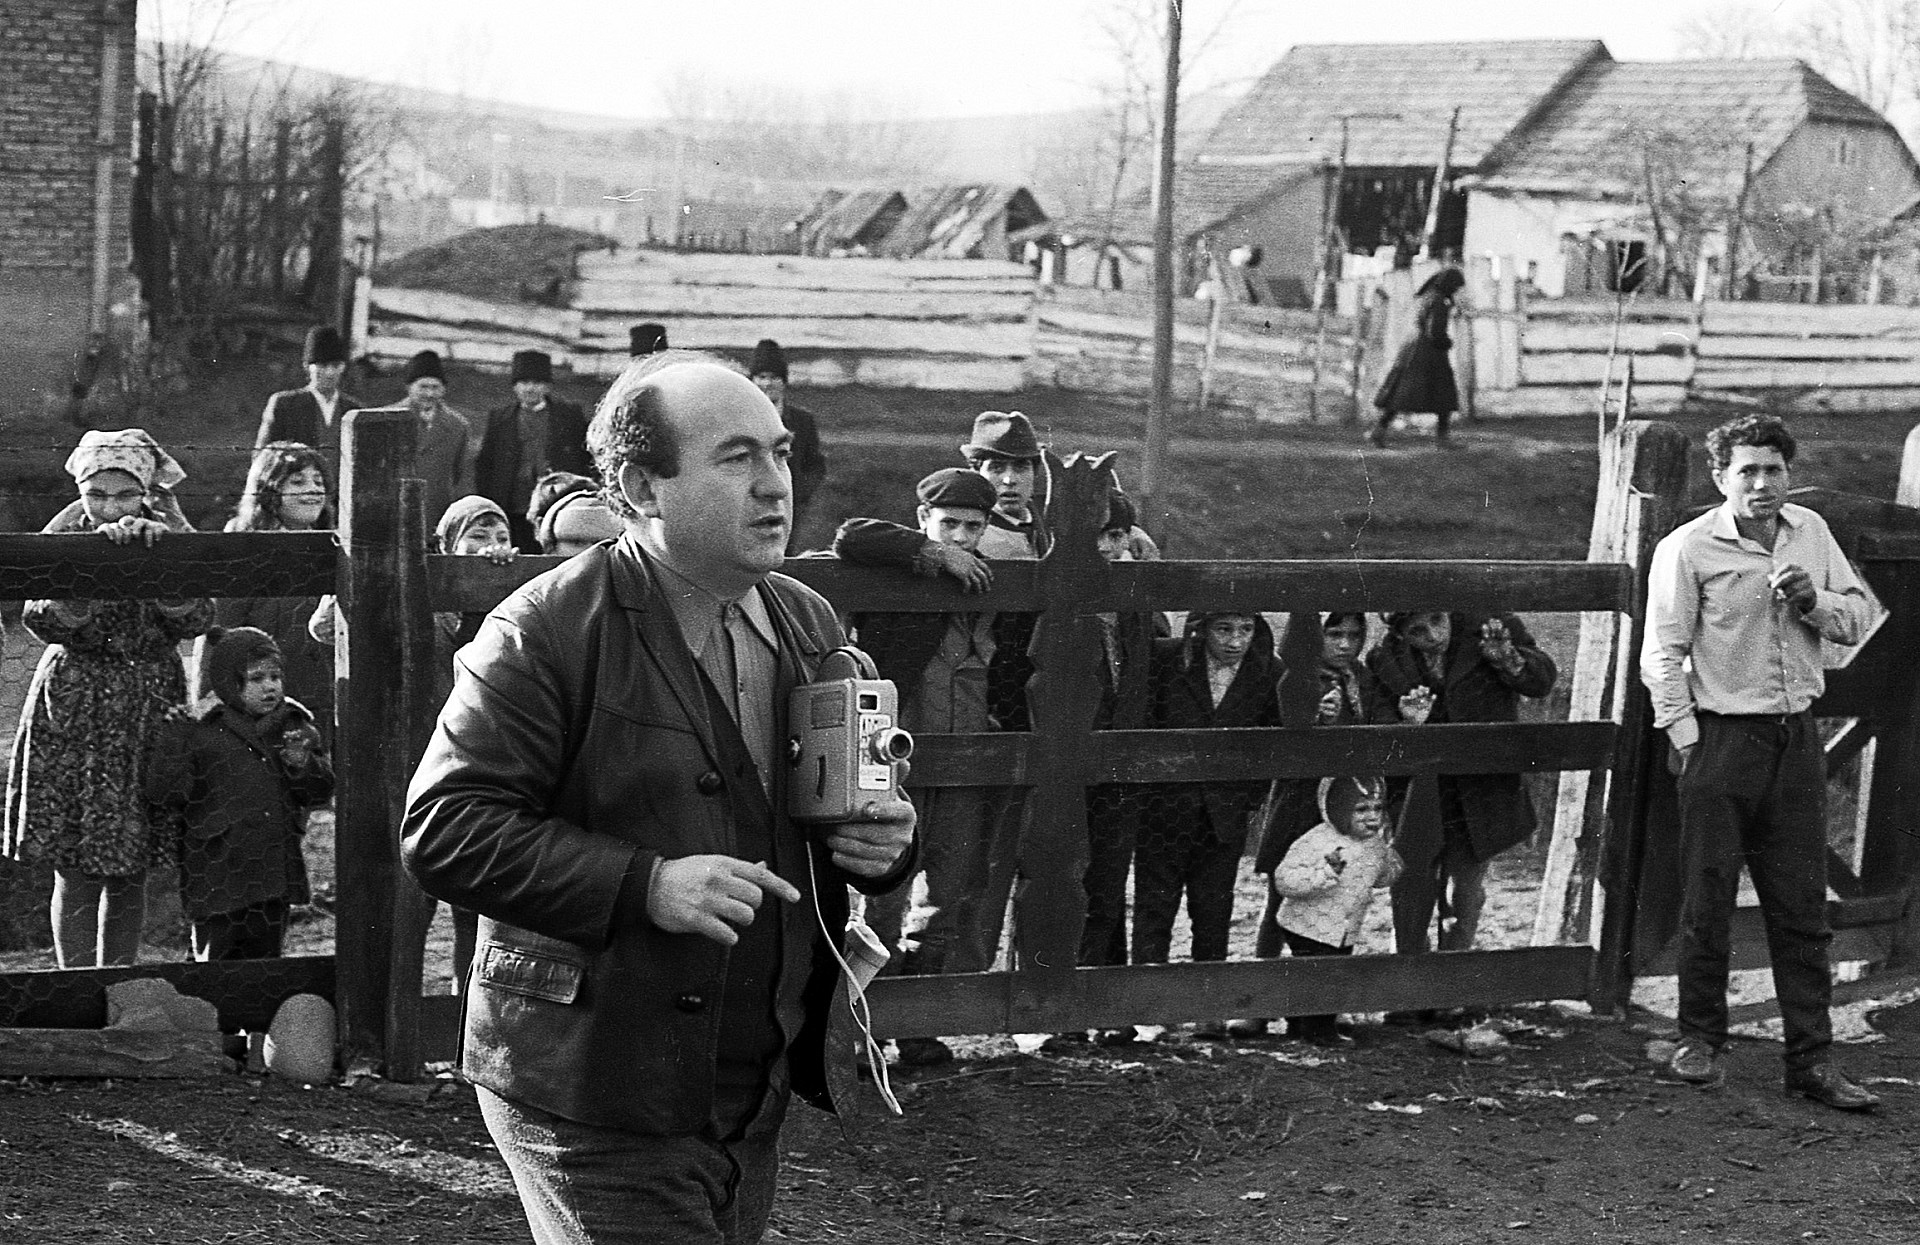 Novák Ferenc Tata egy erdélyi gyűjtés során 1972-ben – Korniss Péter fotója